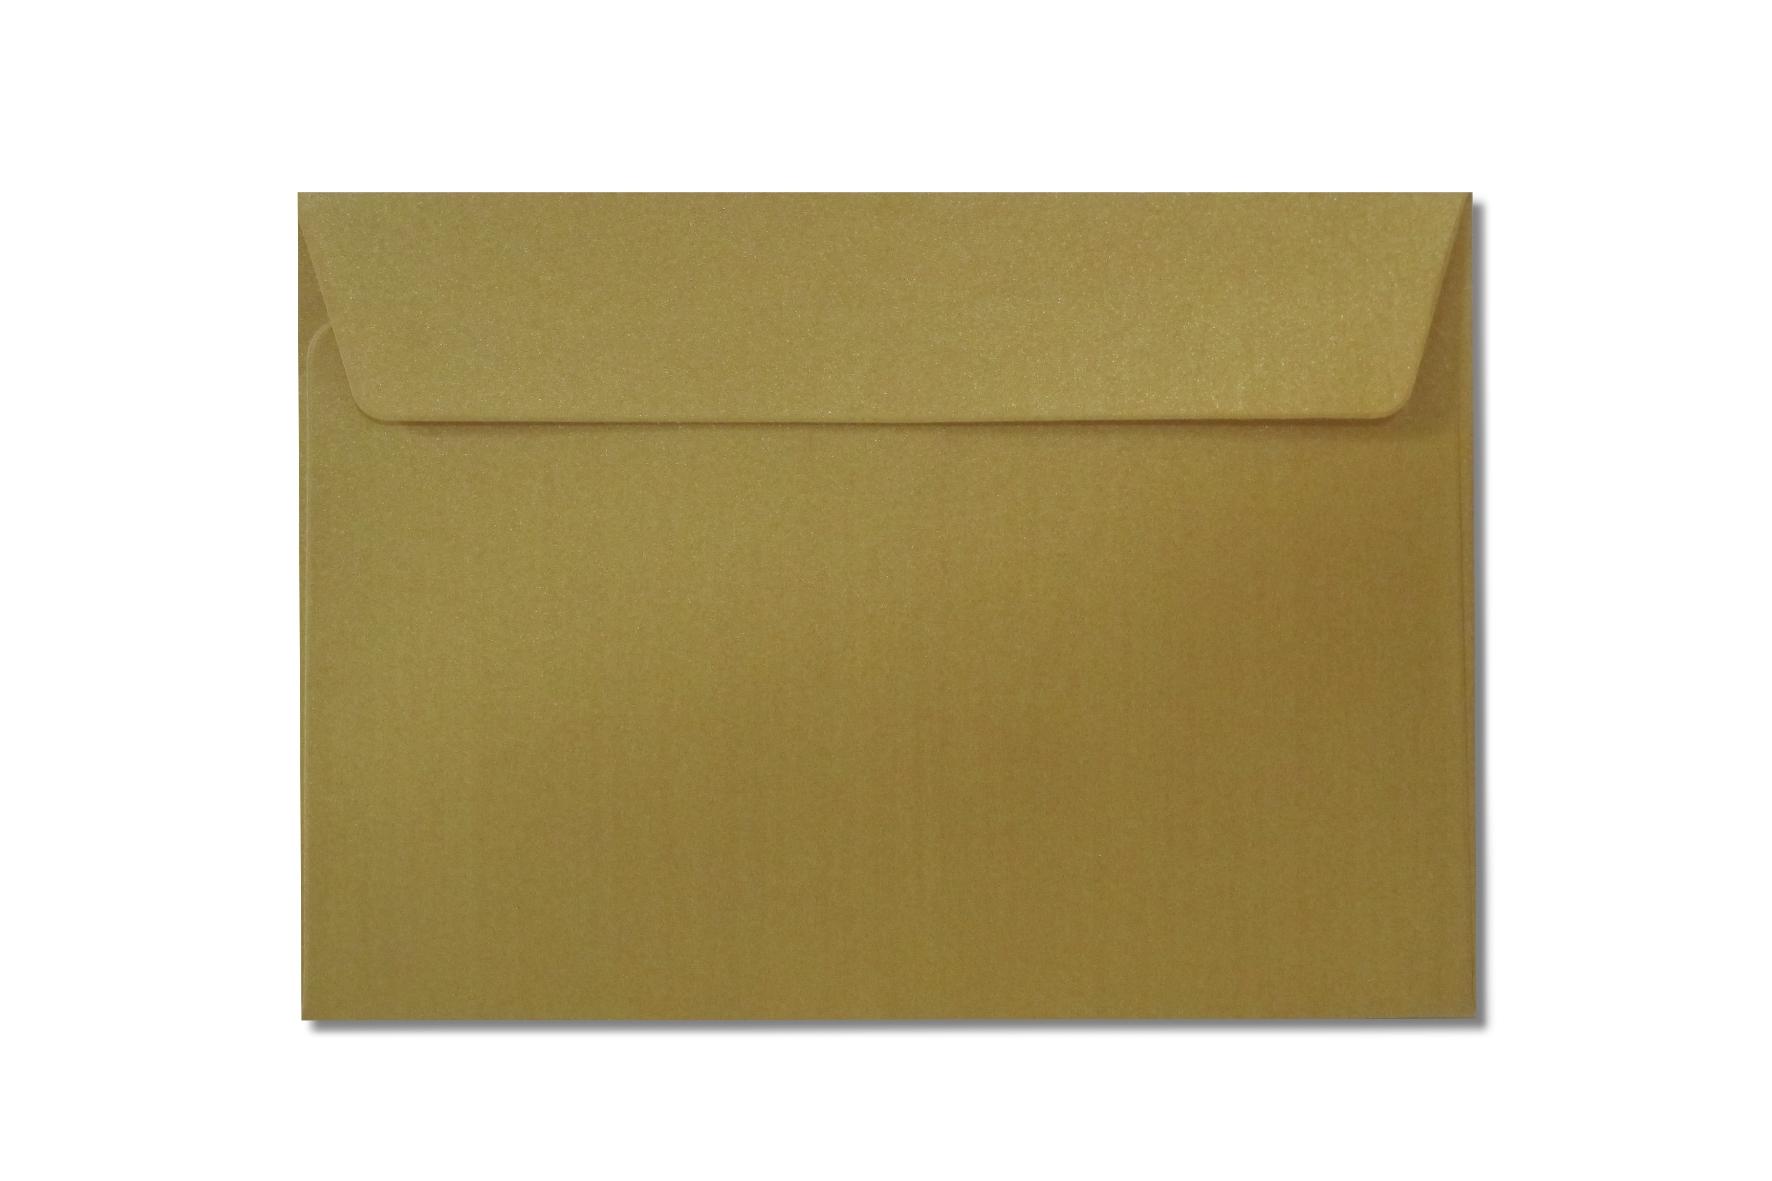 C6 gold metallic envelopes